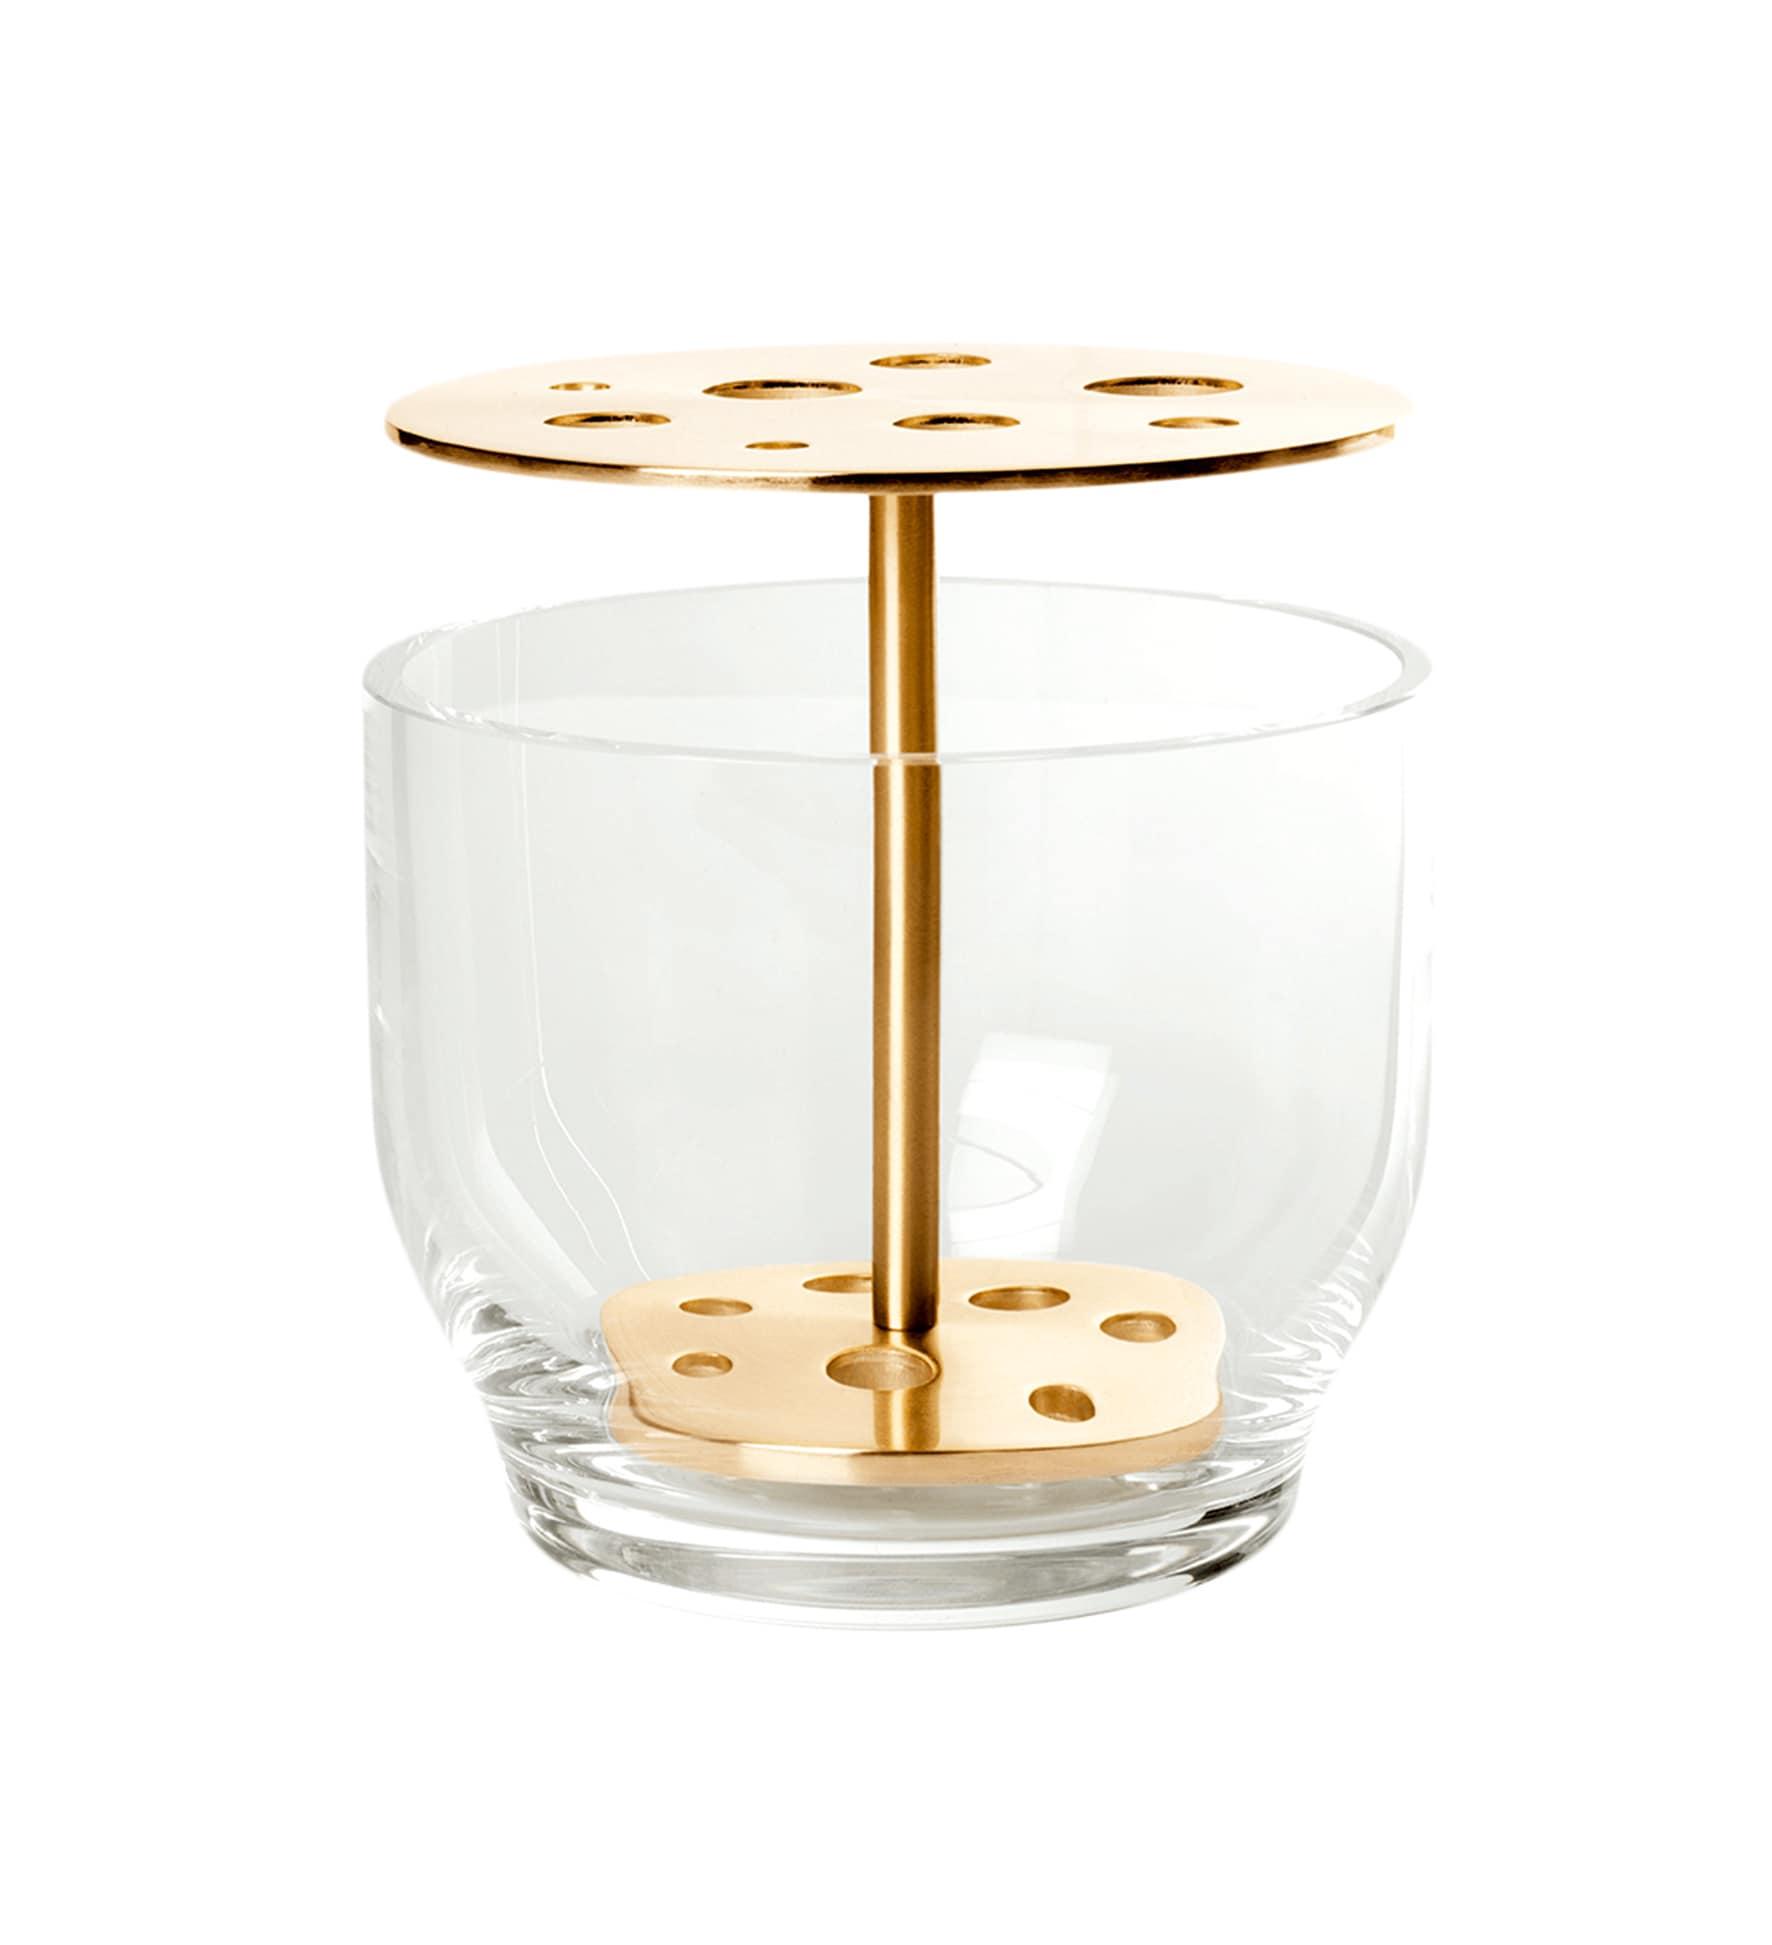 Portafiori Ikebana, design Jaime Hayon, in vetro e ottone, FRITZ HANSEN (100 €).